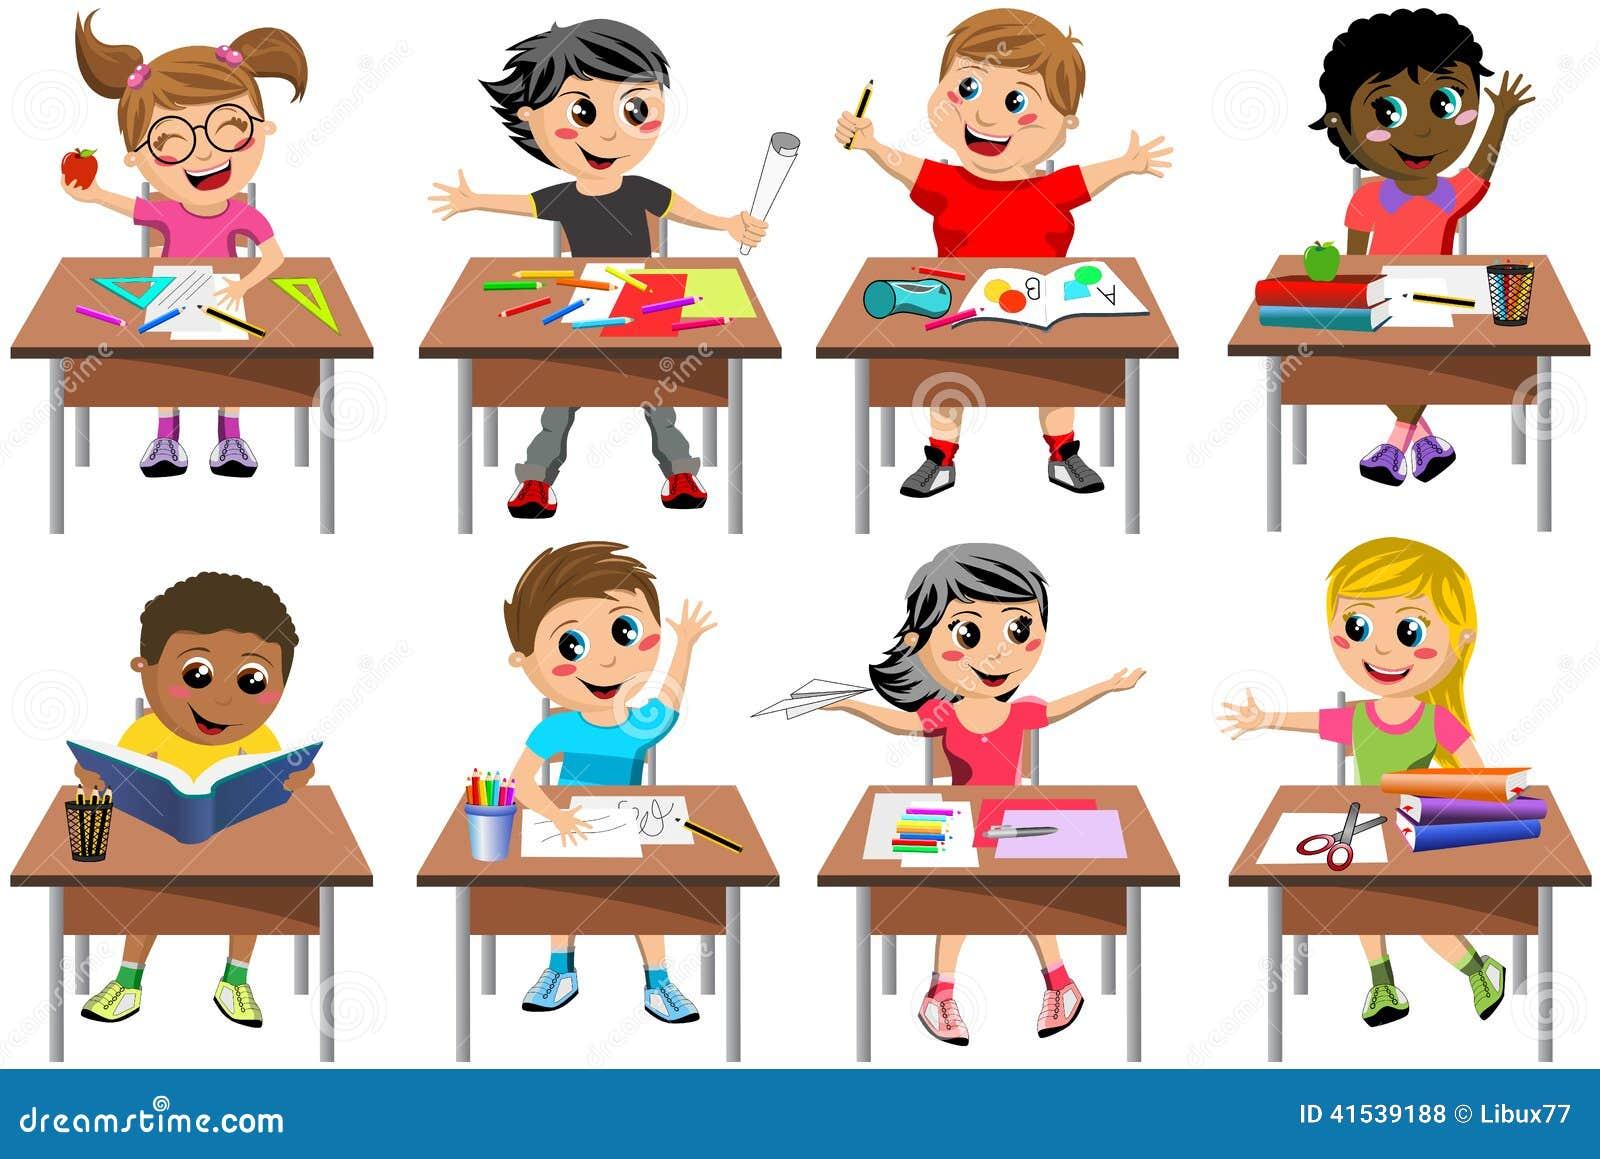 Sala de clase feliz de la escuela del escritorio del ni o - Ninos en clase dibujo ...